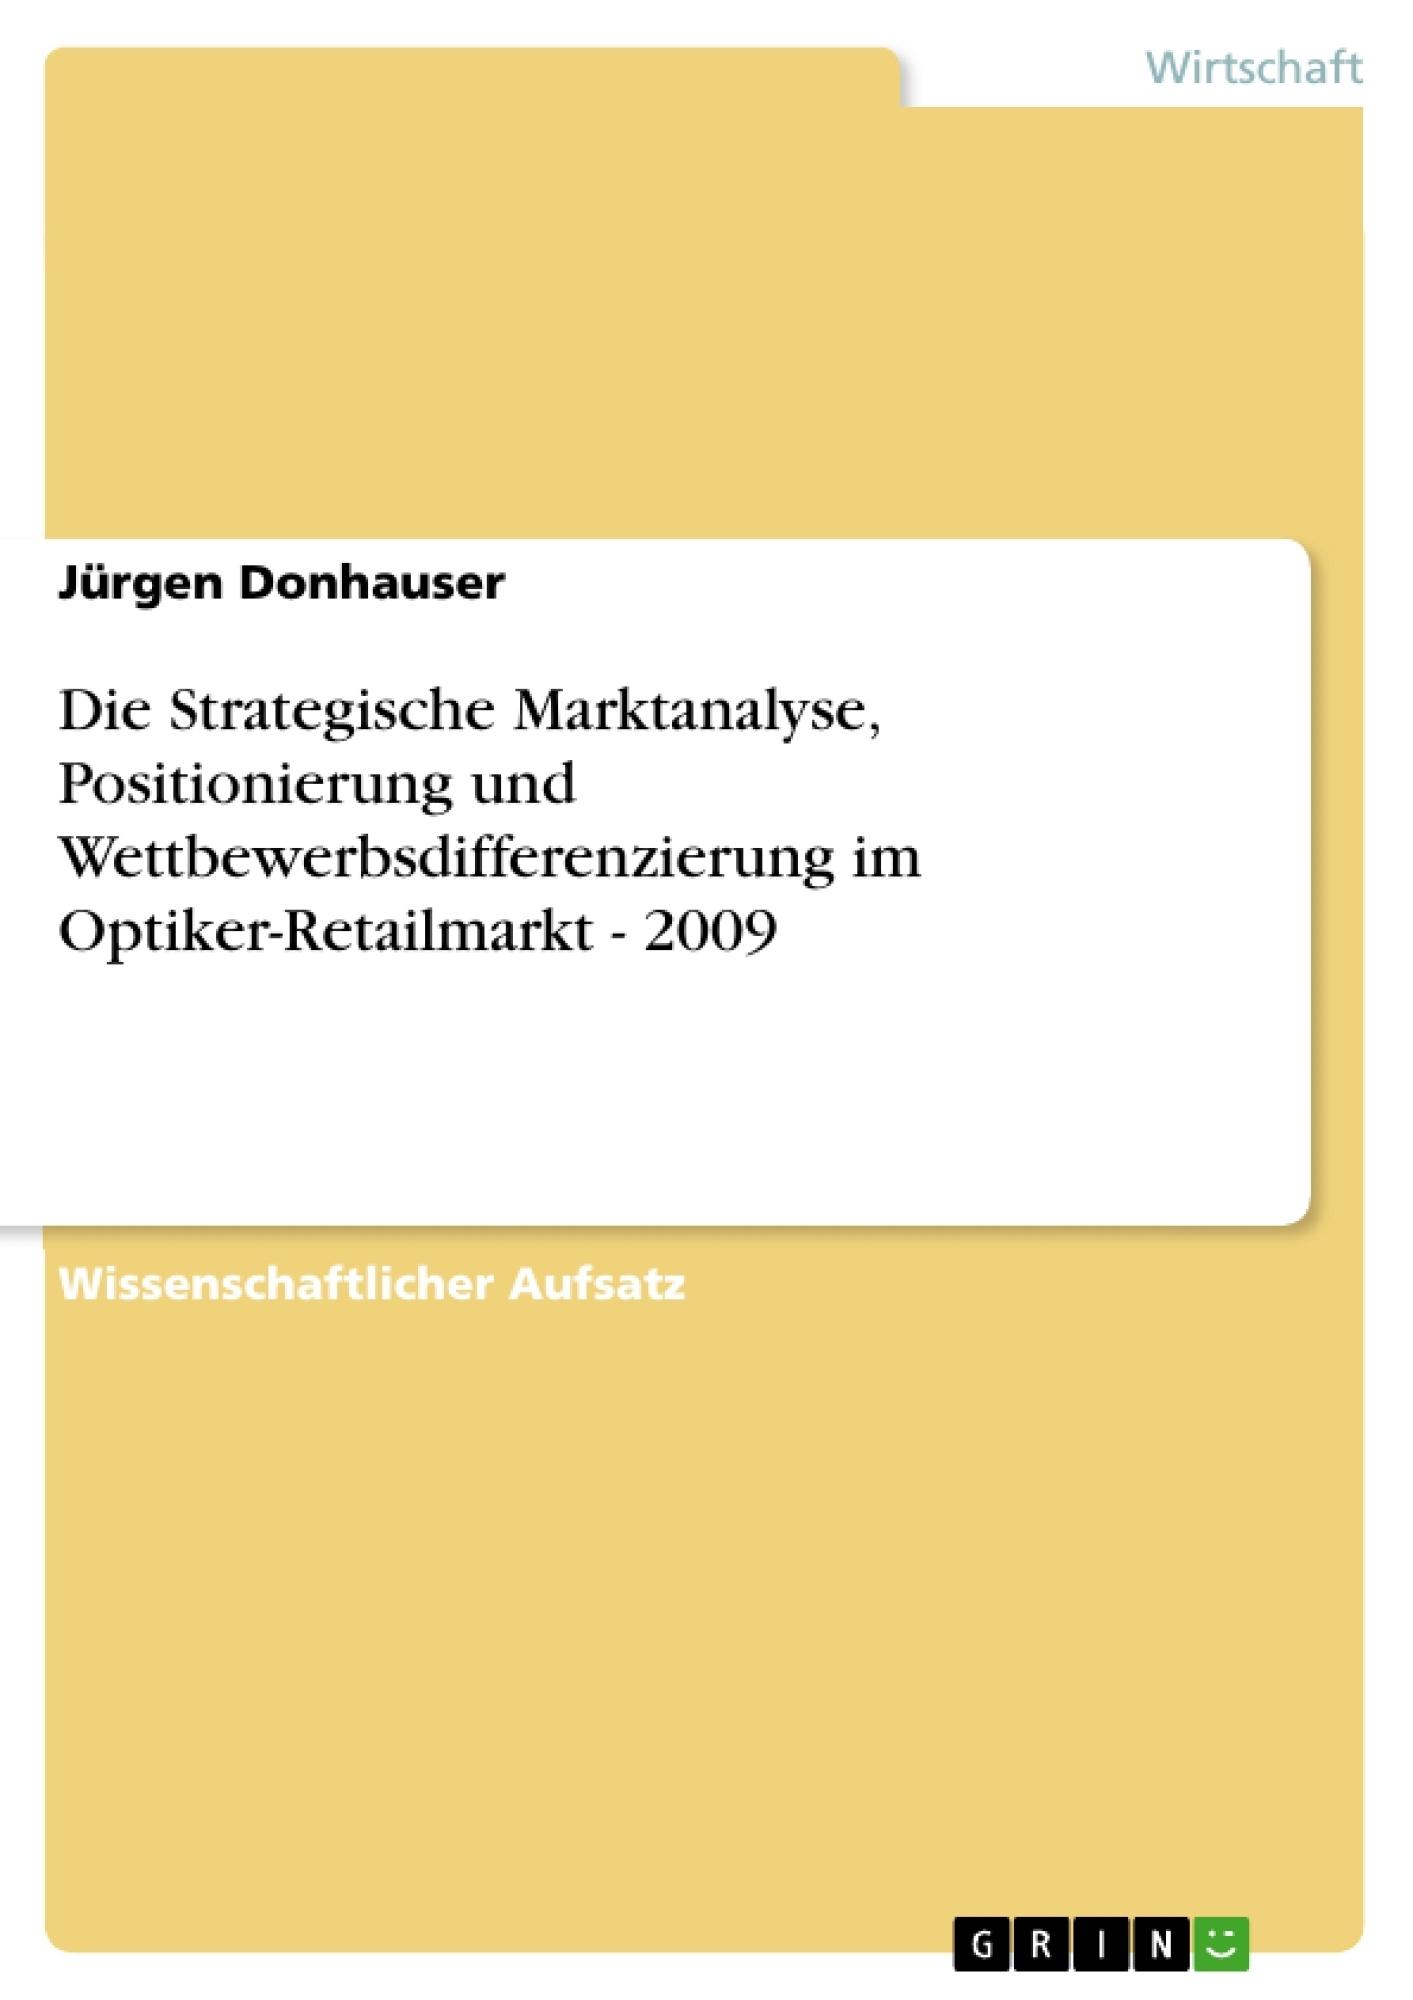 Die Strategische Marktanalyse, Positionierung und ... | Masterarbeit ...